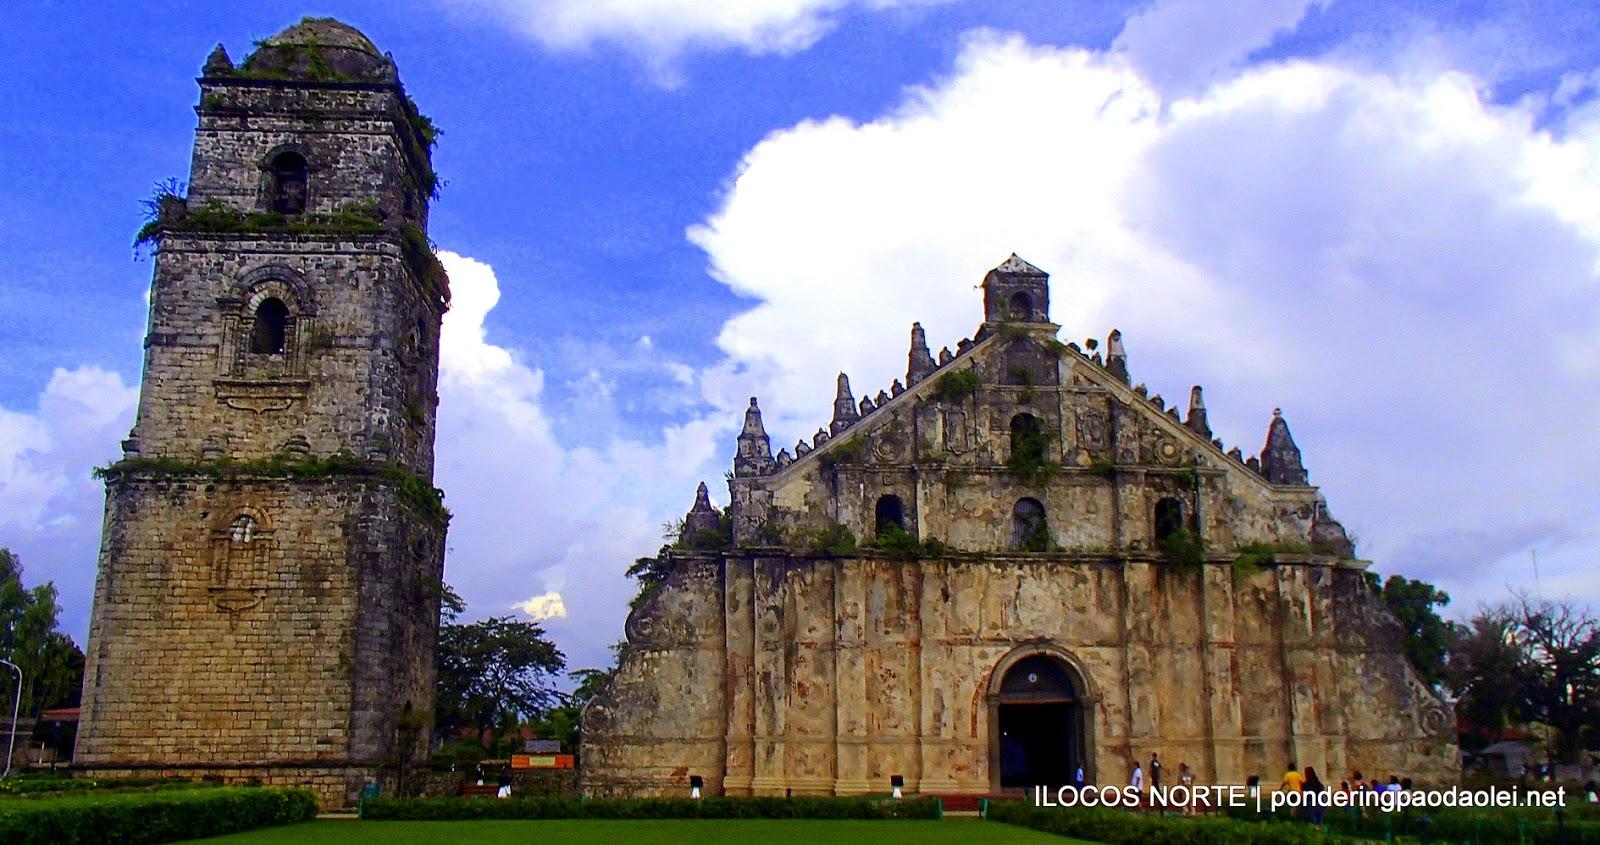 Finally, Ilocos Norte